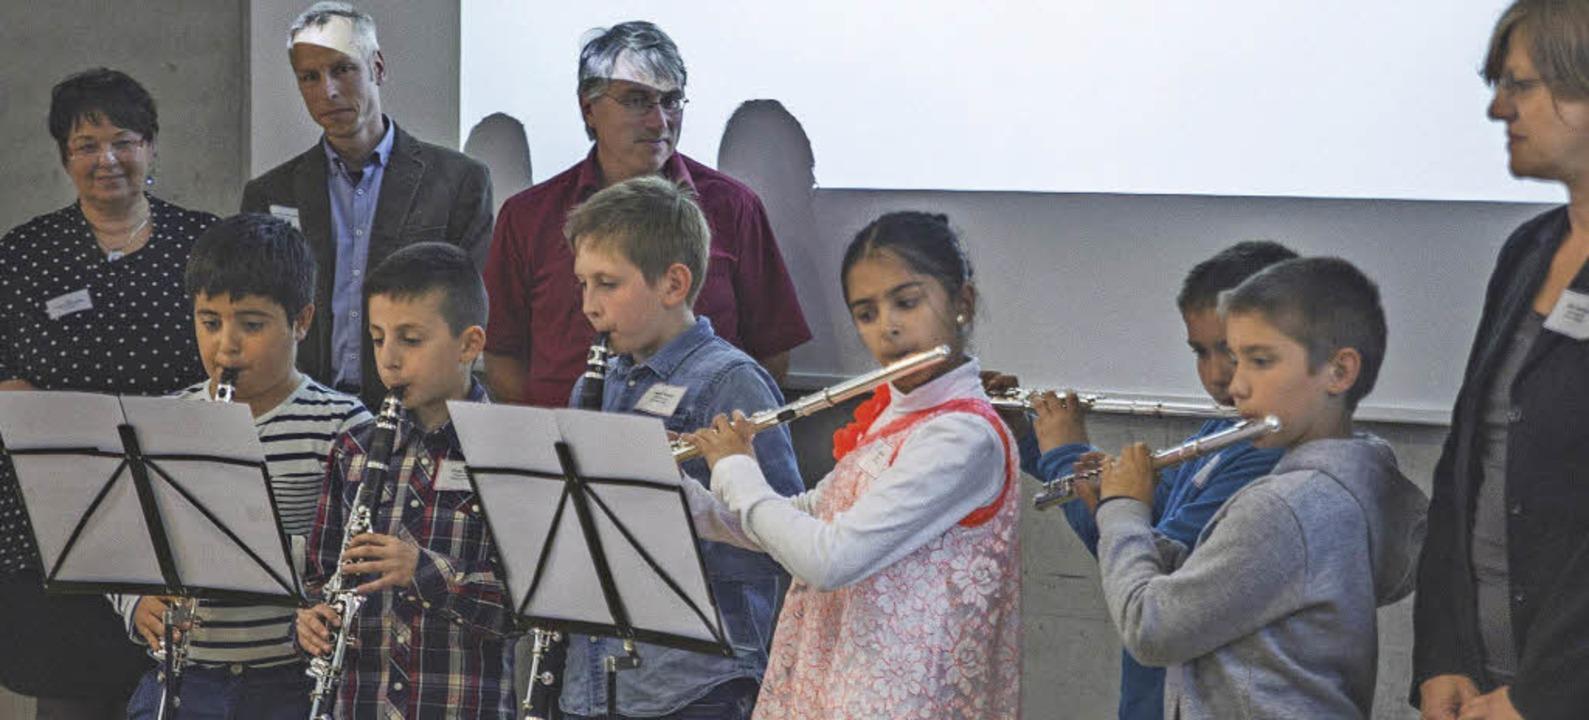 Für eine n spritzigen Satz von Vivaldi...on langanhaltendem kräftigem Applaus.     Foto: zVg